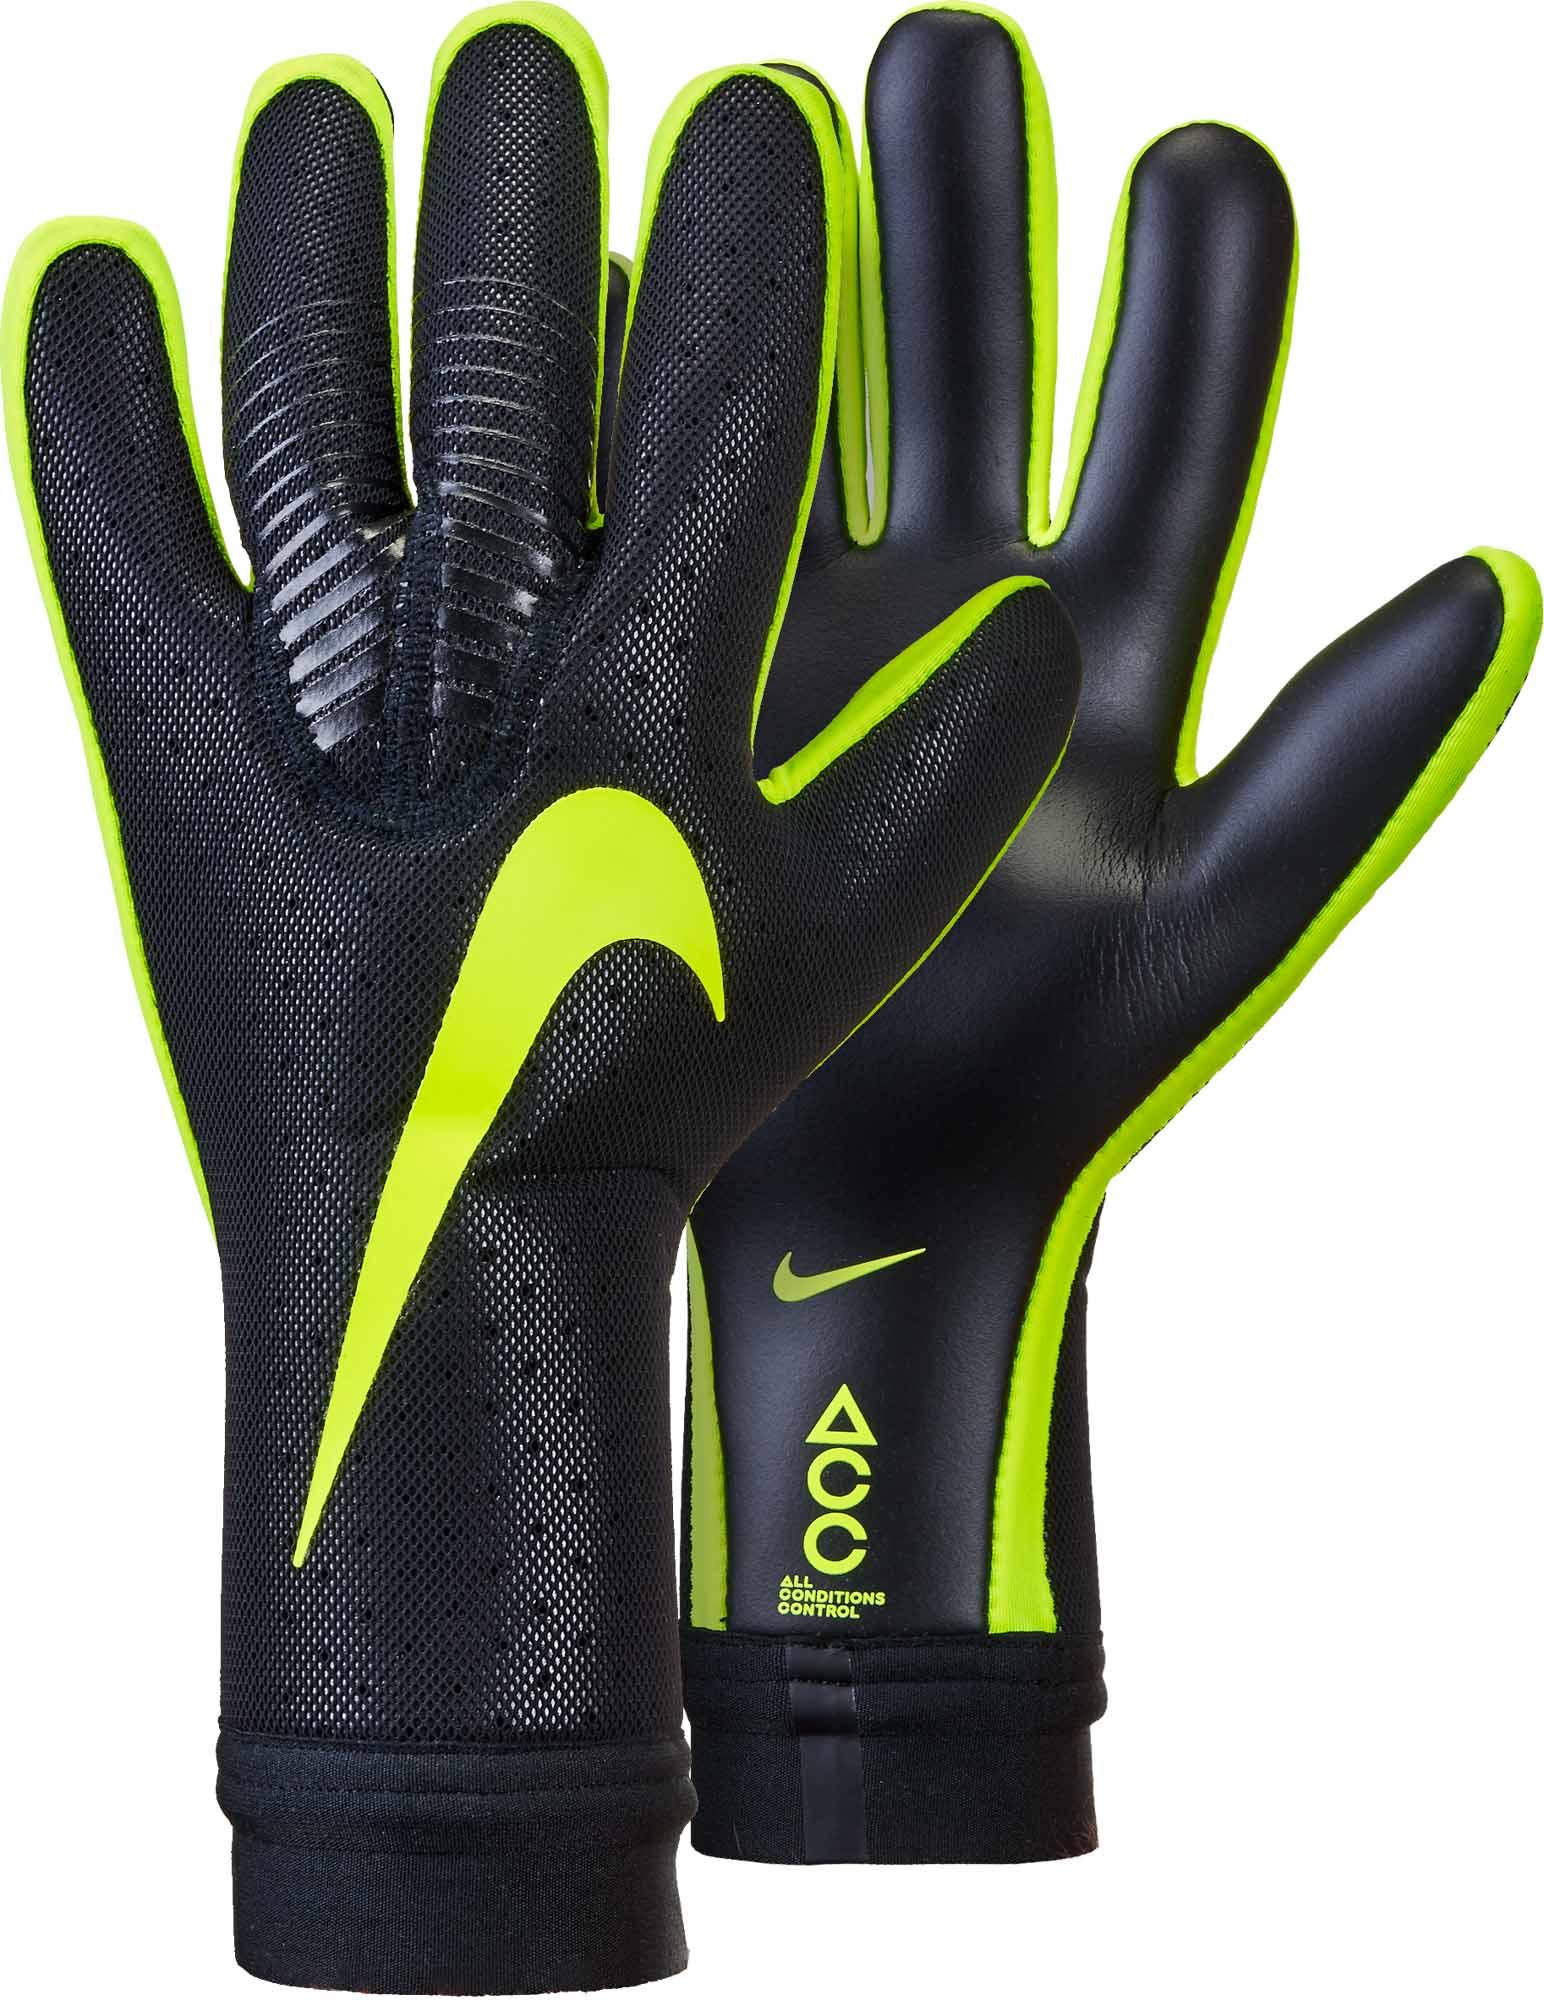 Nike Vapor Touch Goalkeeper Gloves - Black Volt - SoccerPro.com de2eabcb58